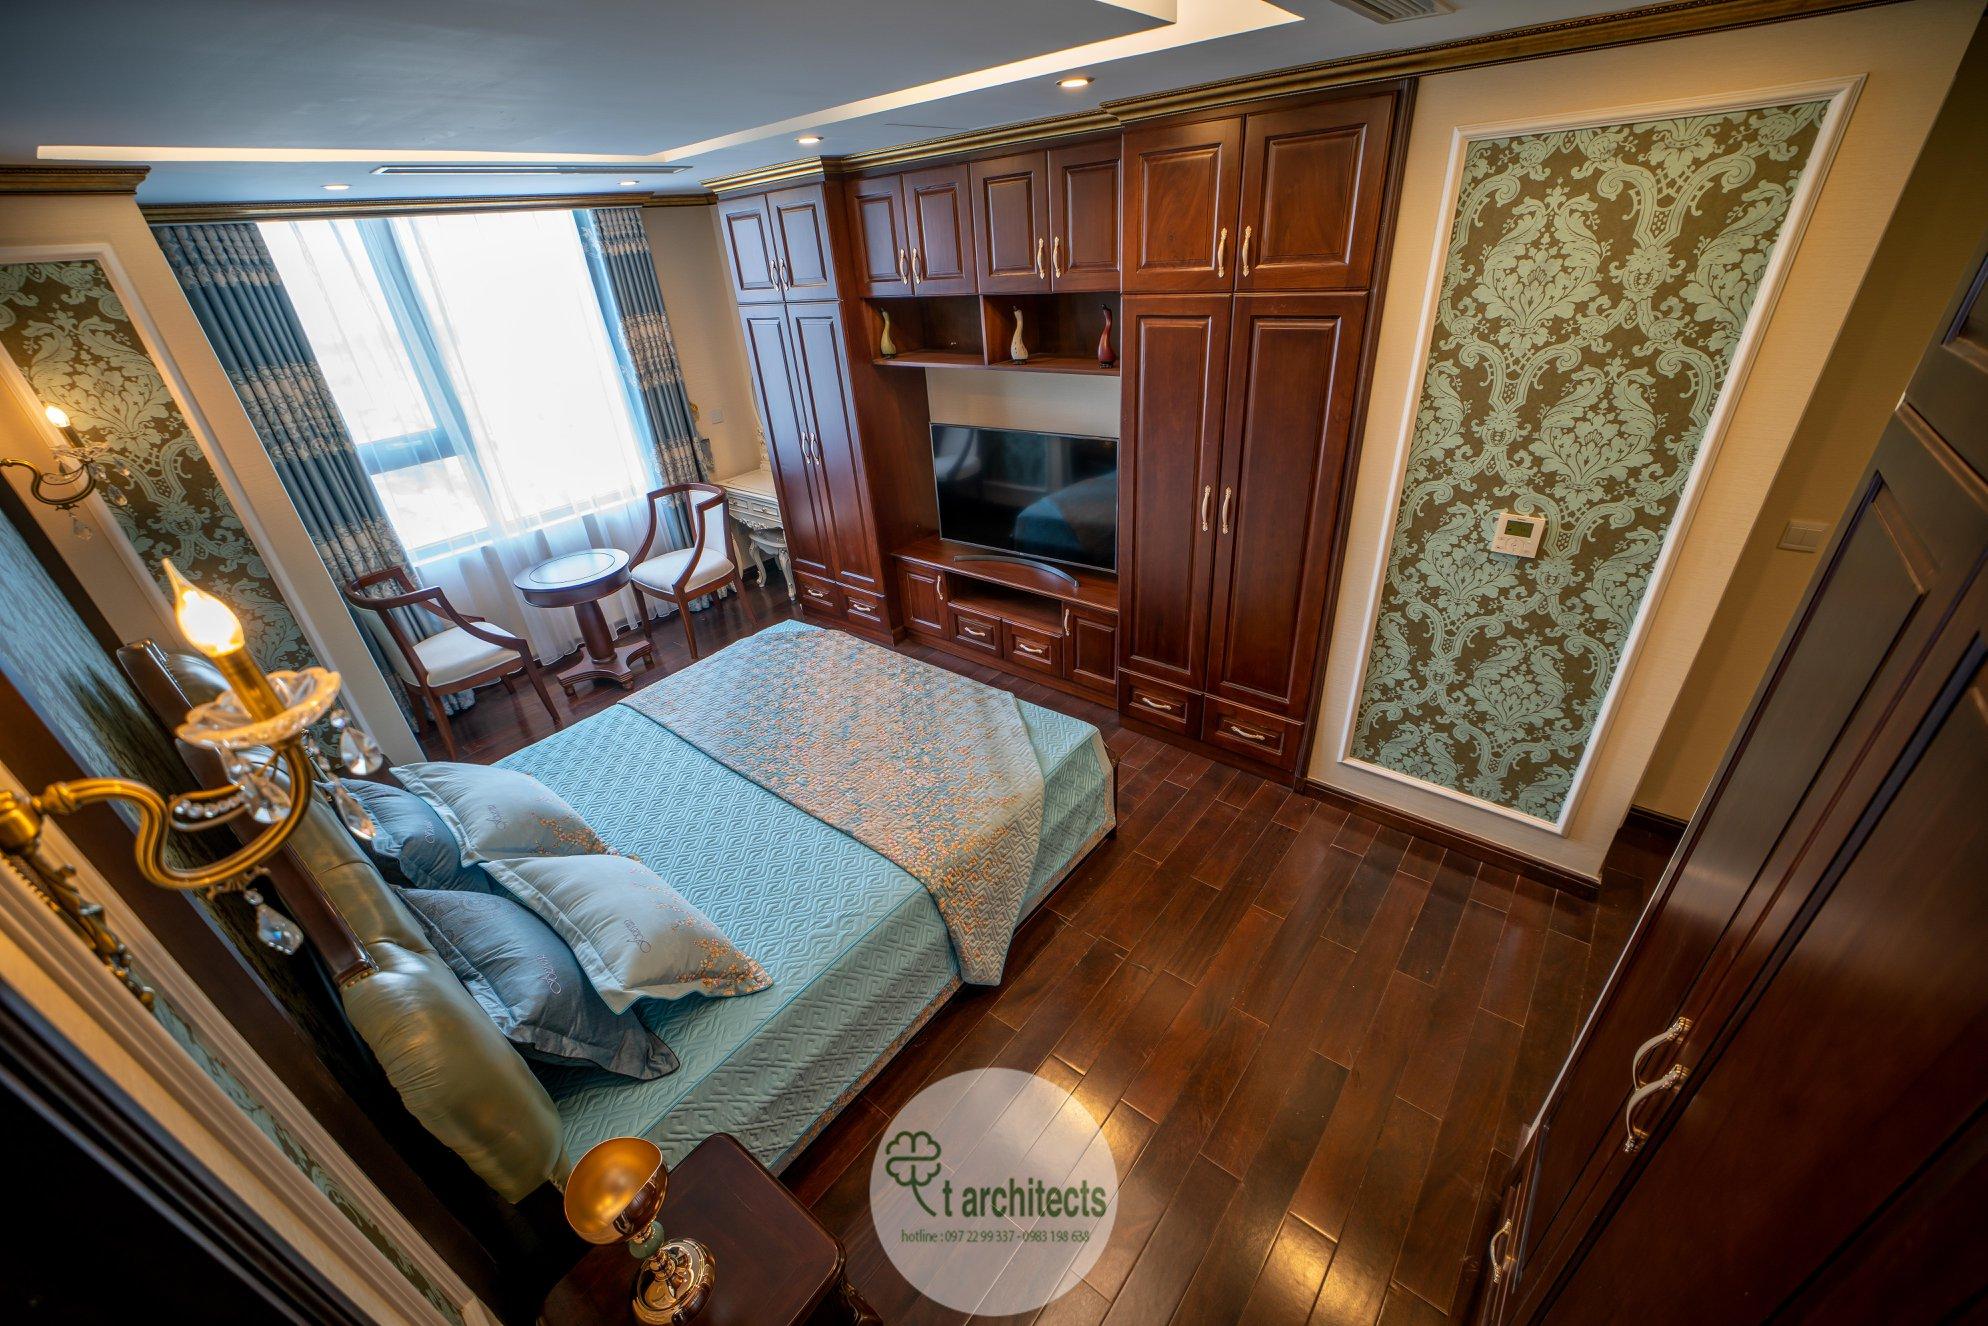 Thiết kế nội thất Chung Cư tại Hà Nội Thiết kế 6 căn hộ mẫu chung cư HC GOLDEN CITY 1589766599 16